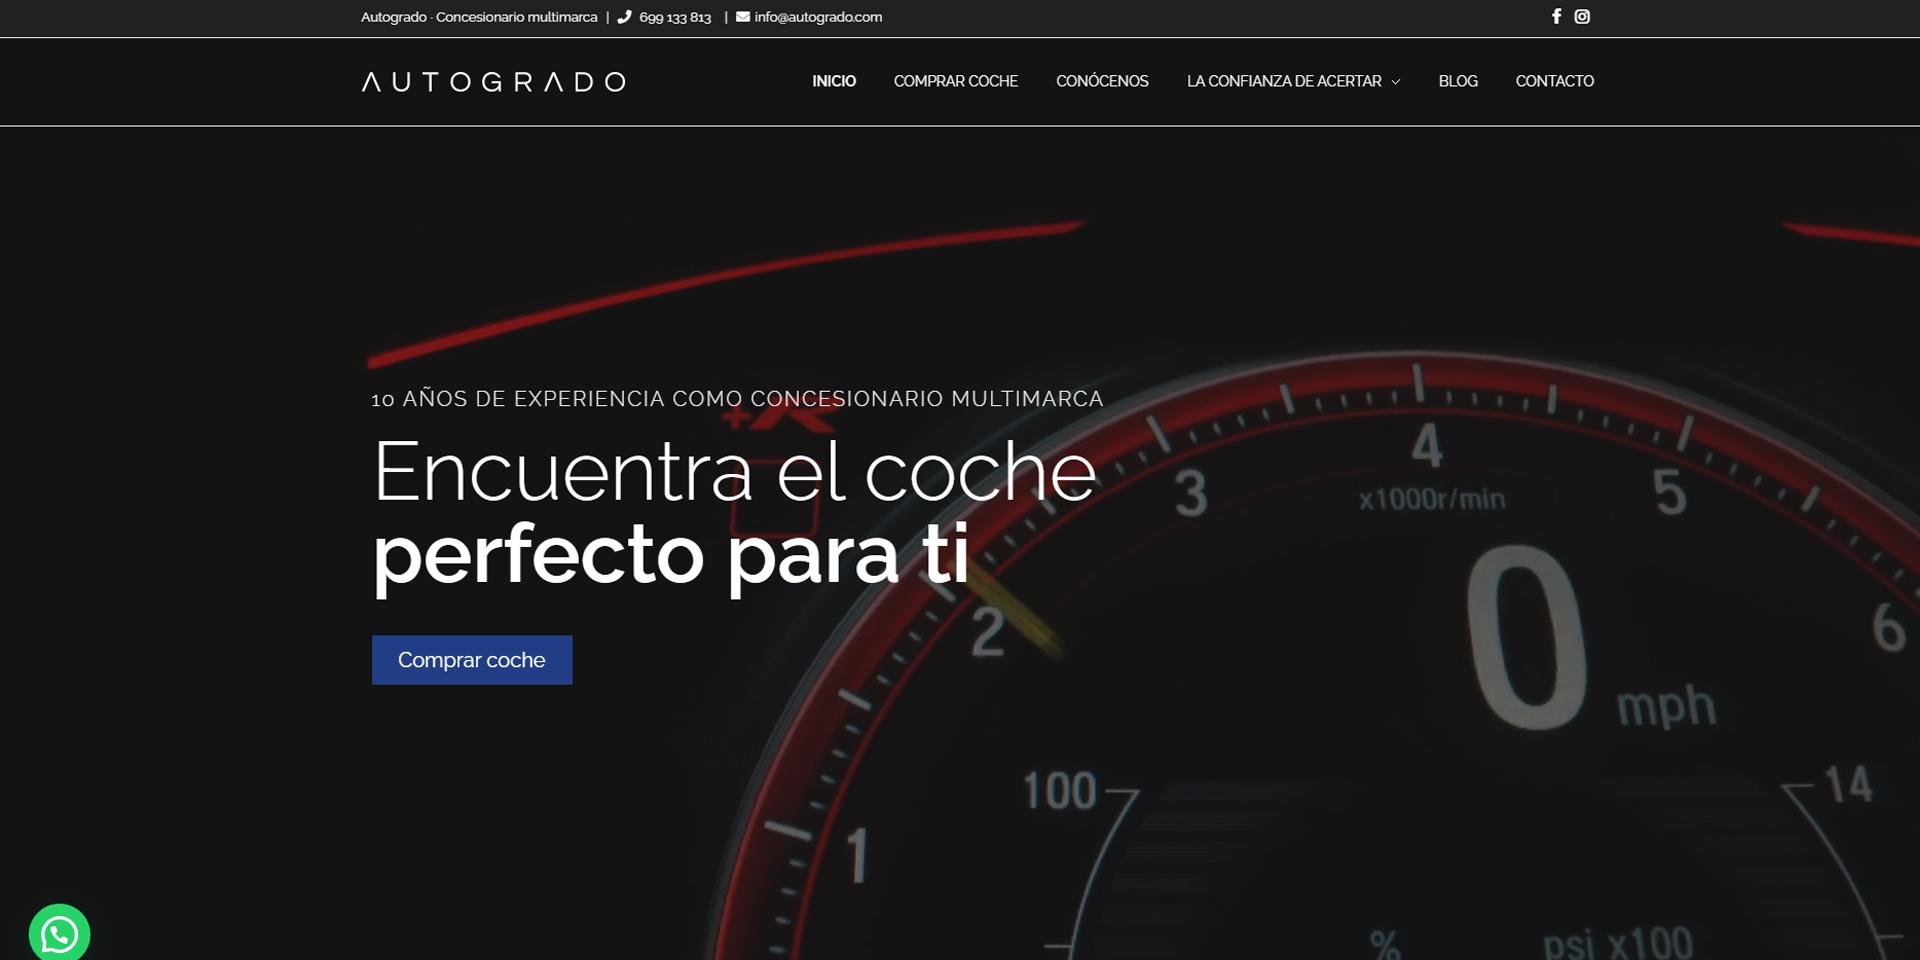 web 1920x960